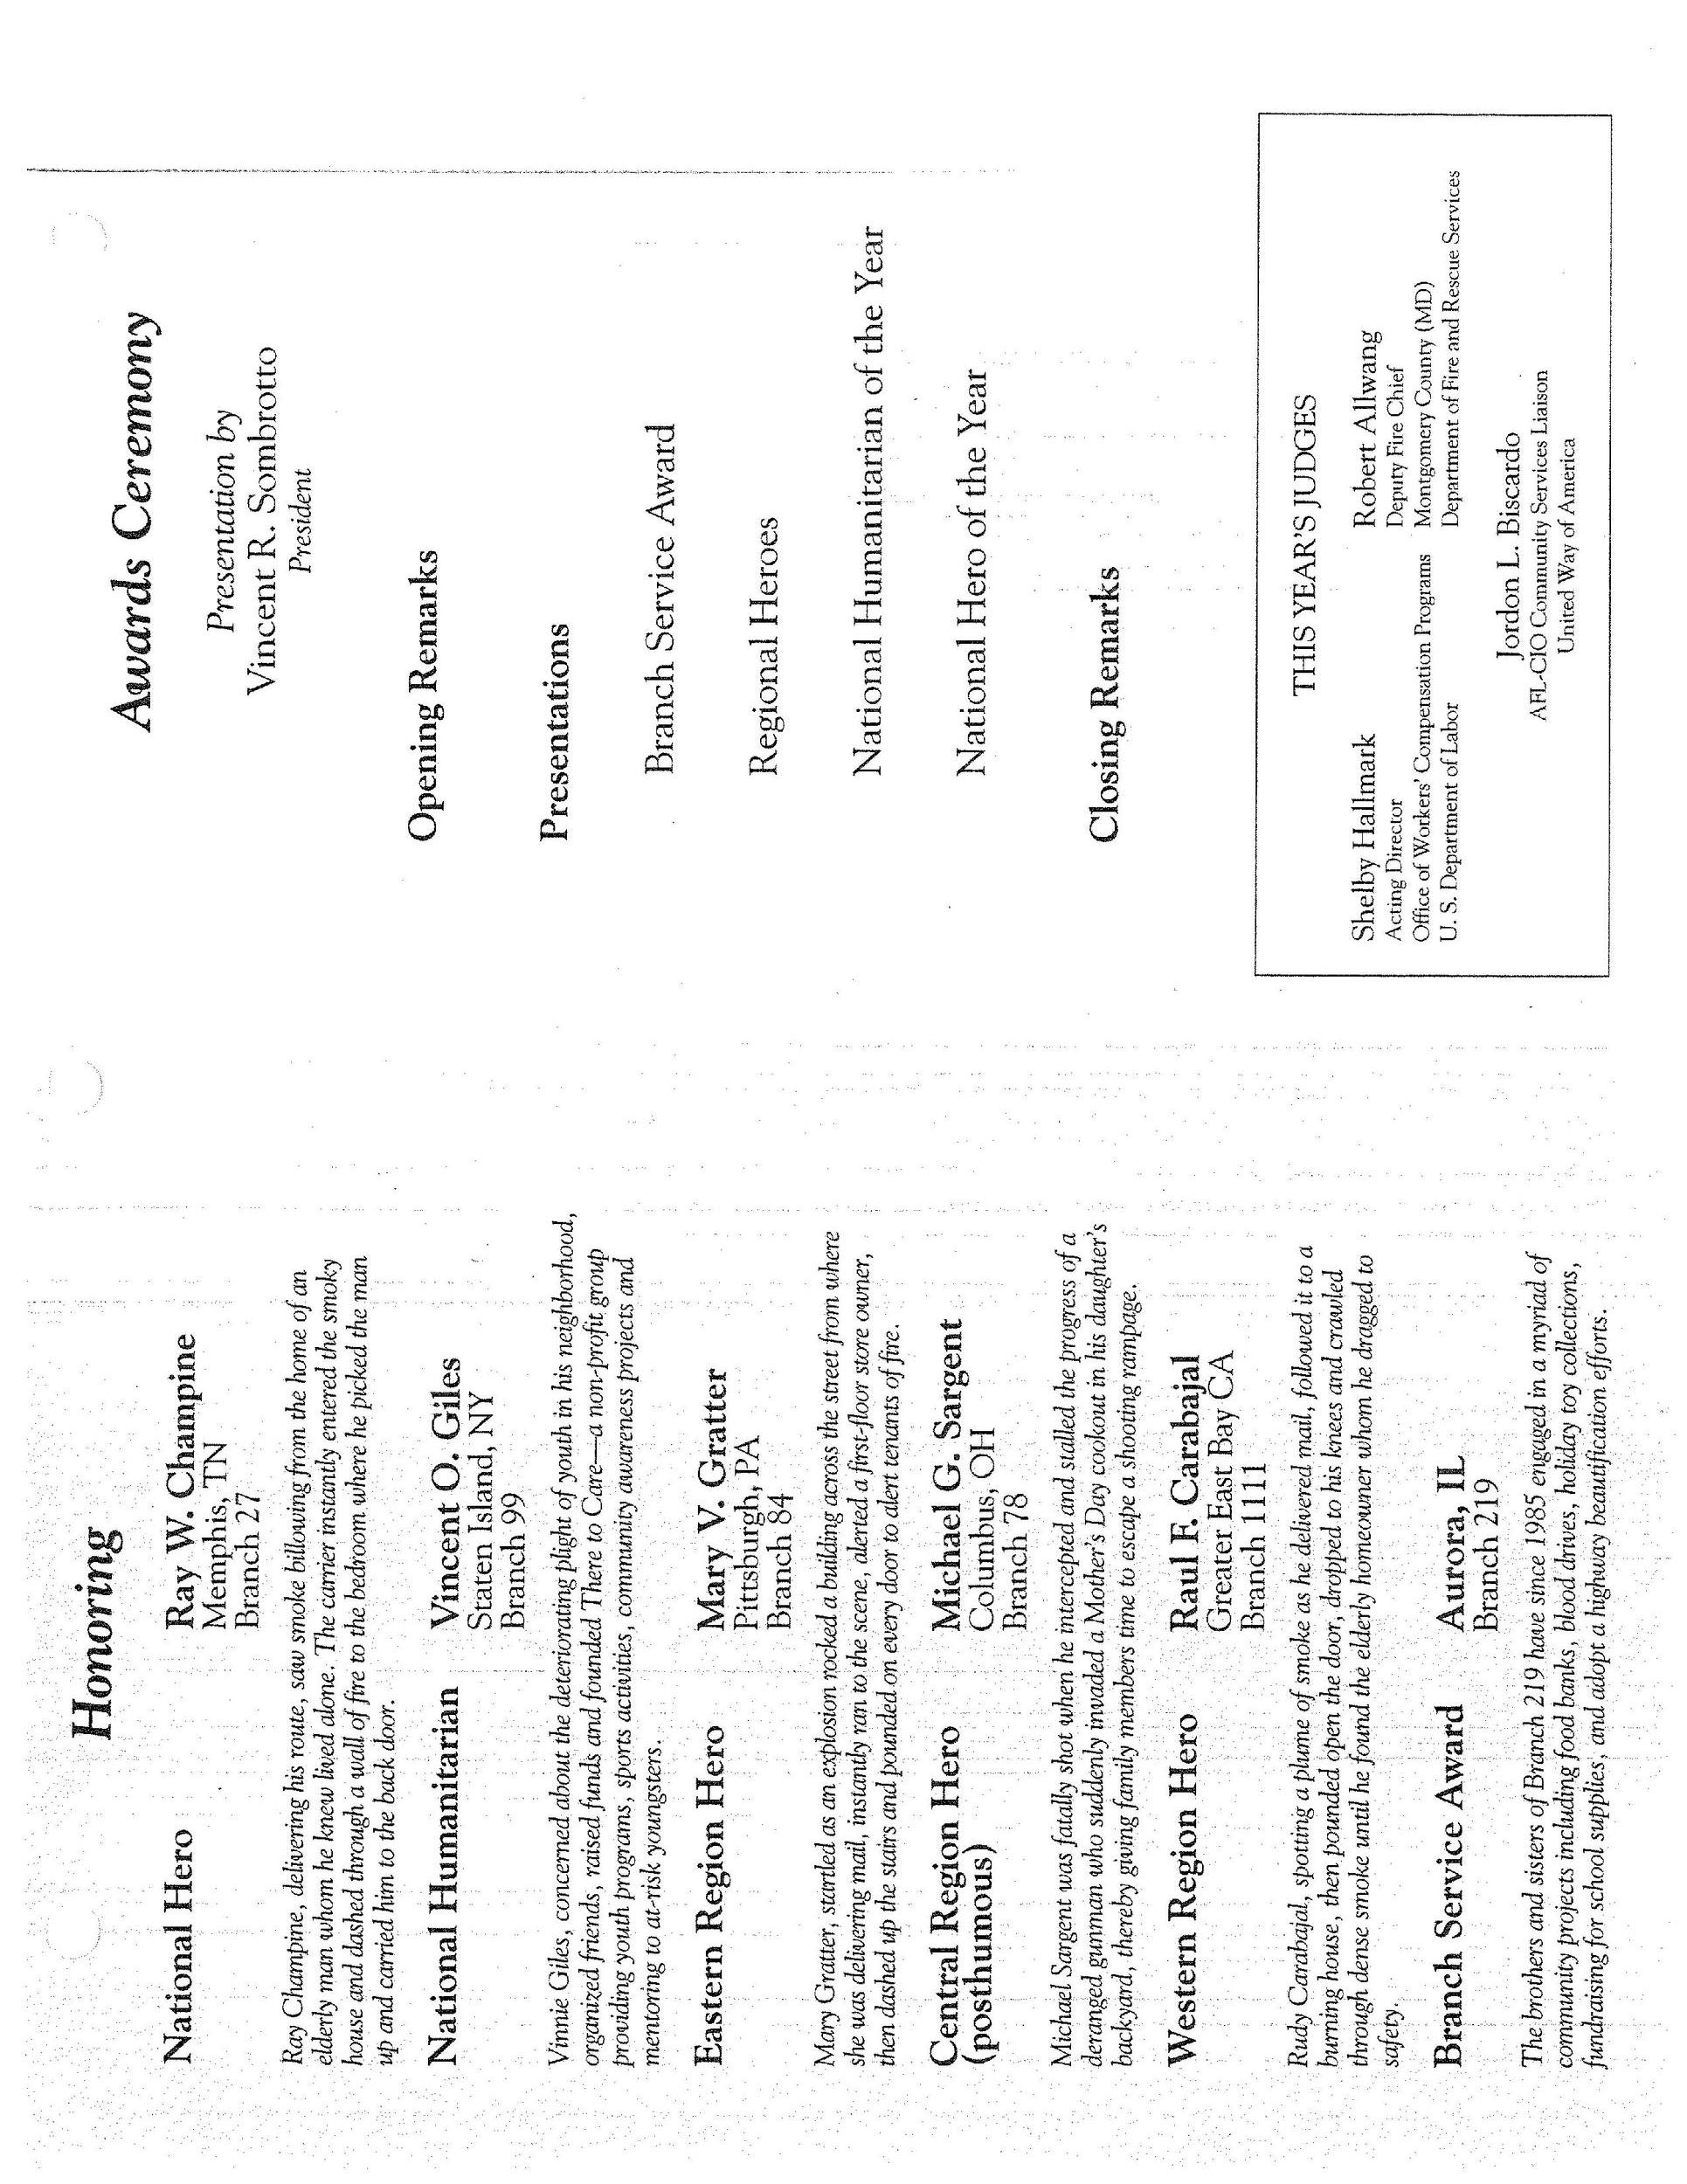 branch 78 history page-0083.jpg